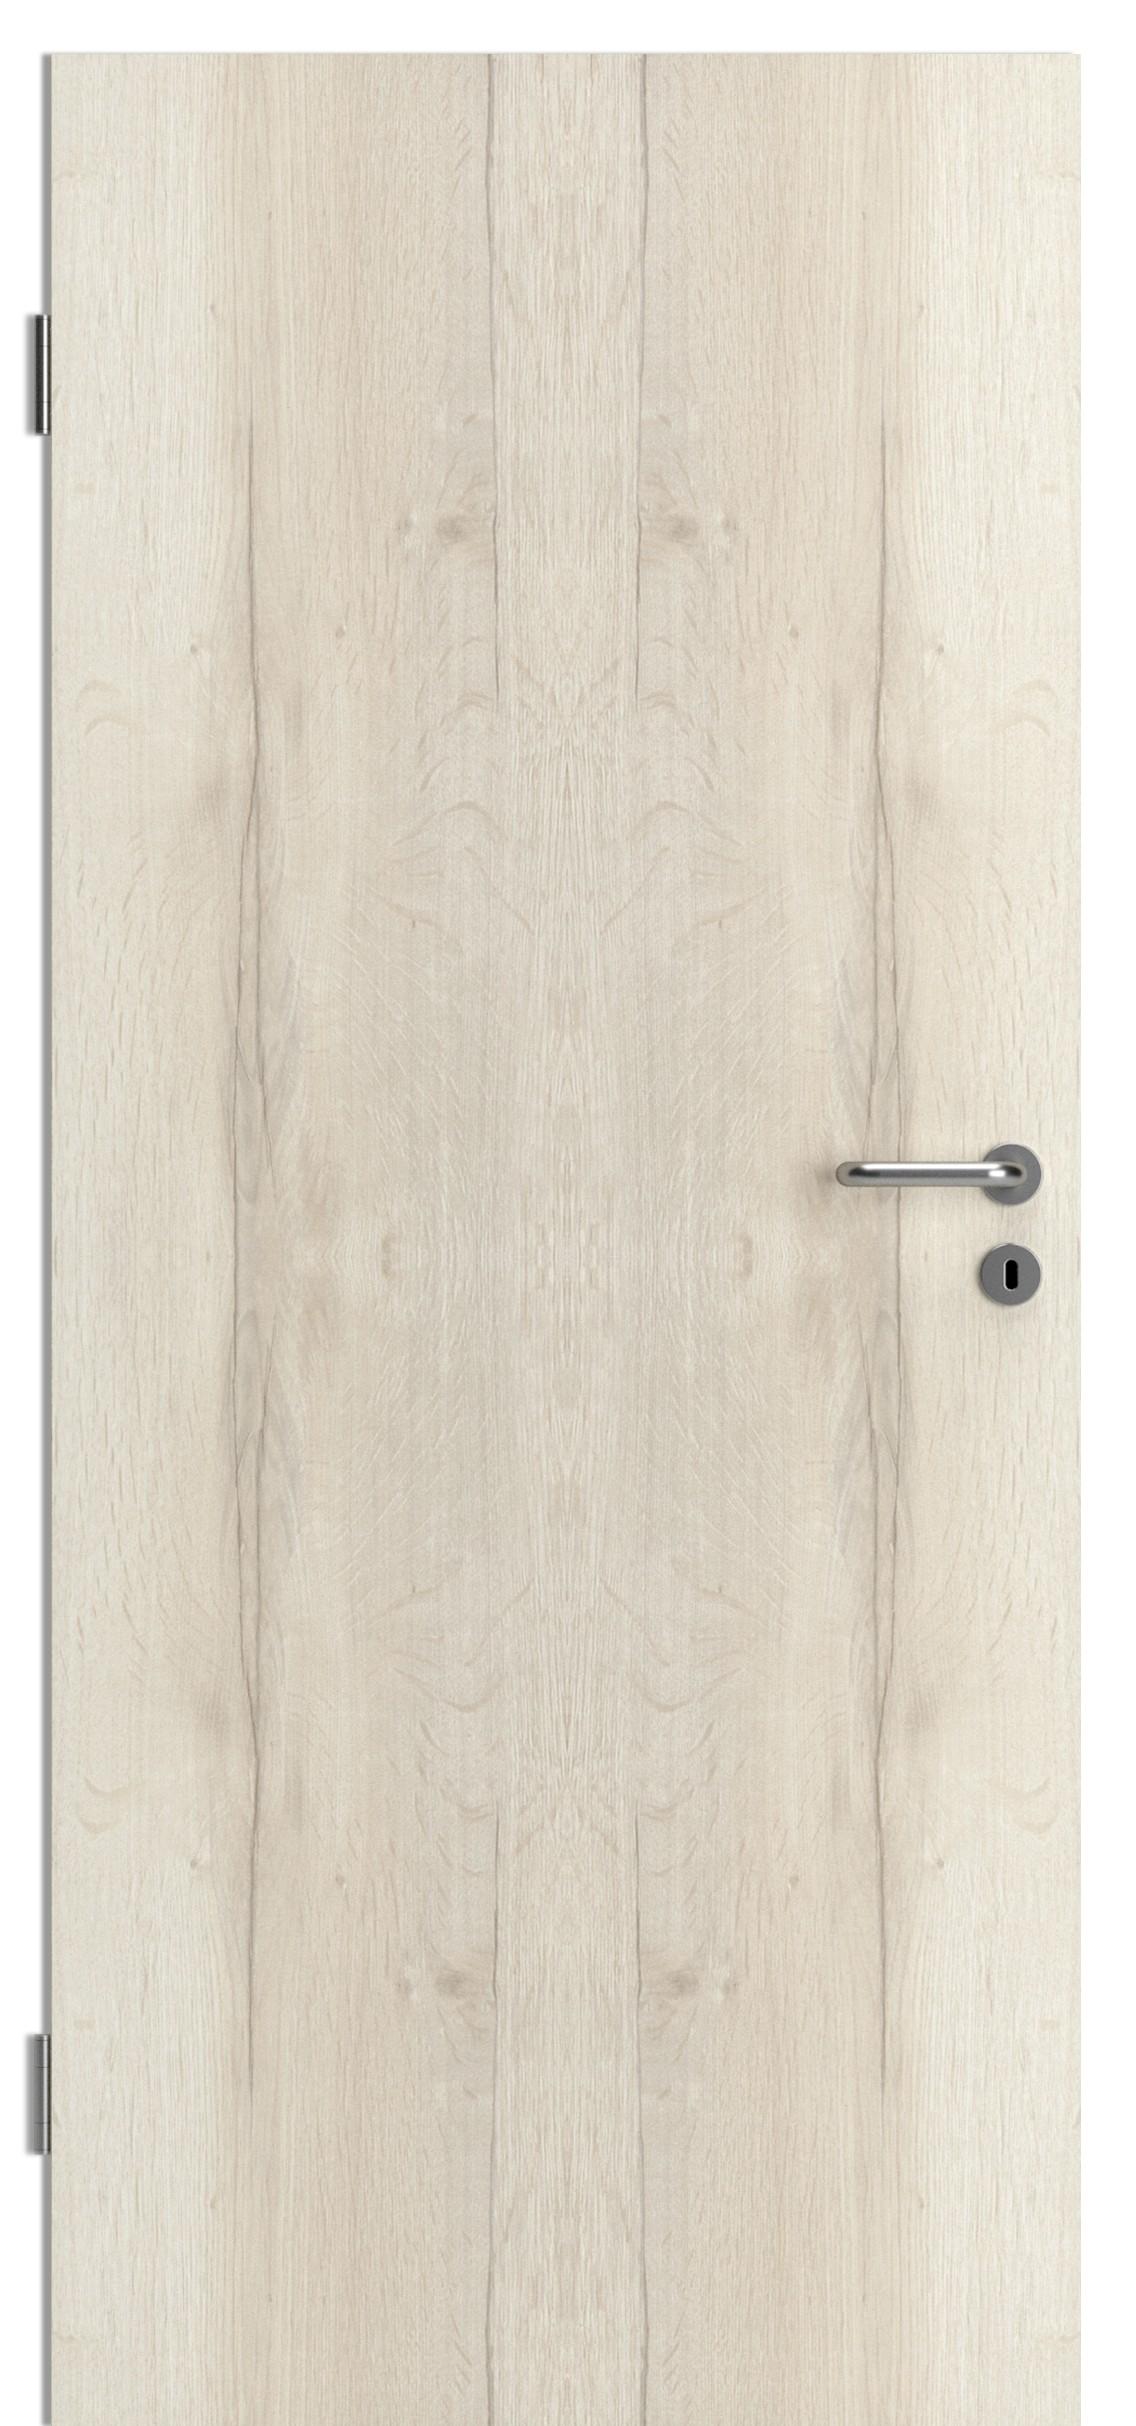 eiche nordic lebolit cpl schallschutzt r lebo deinet. Black Bedroom Furniture Sets. Home Design Ideas